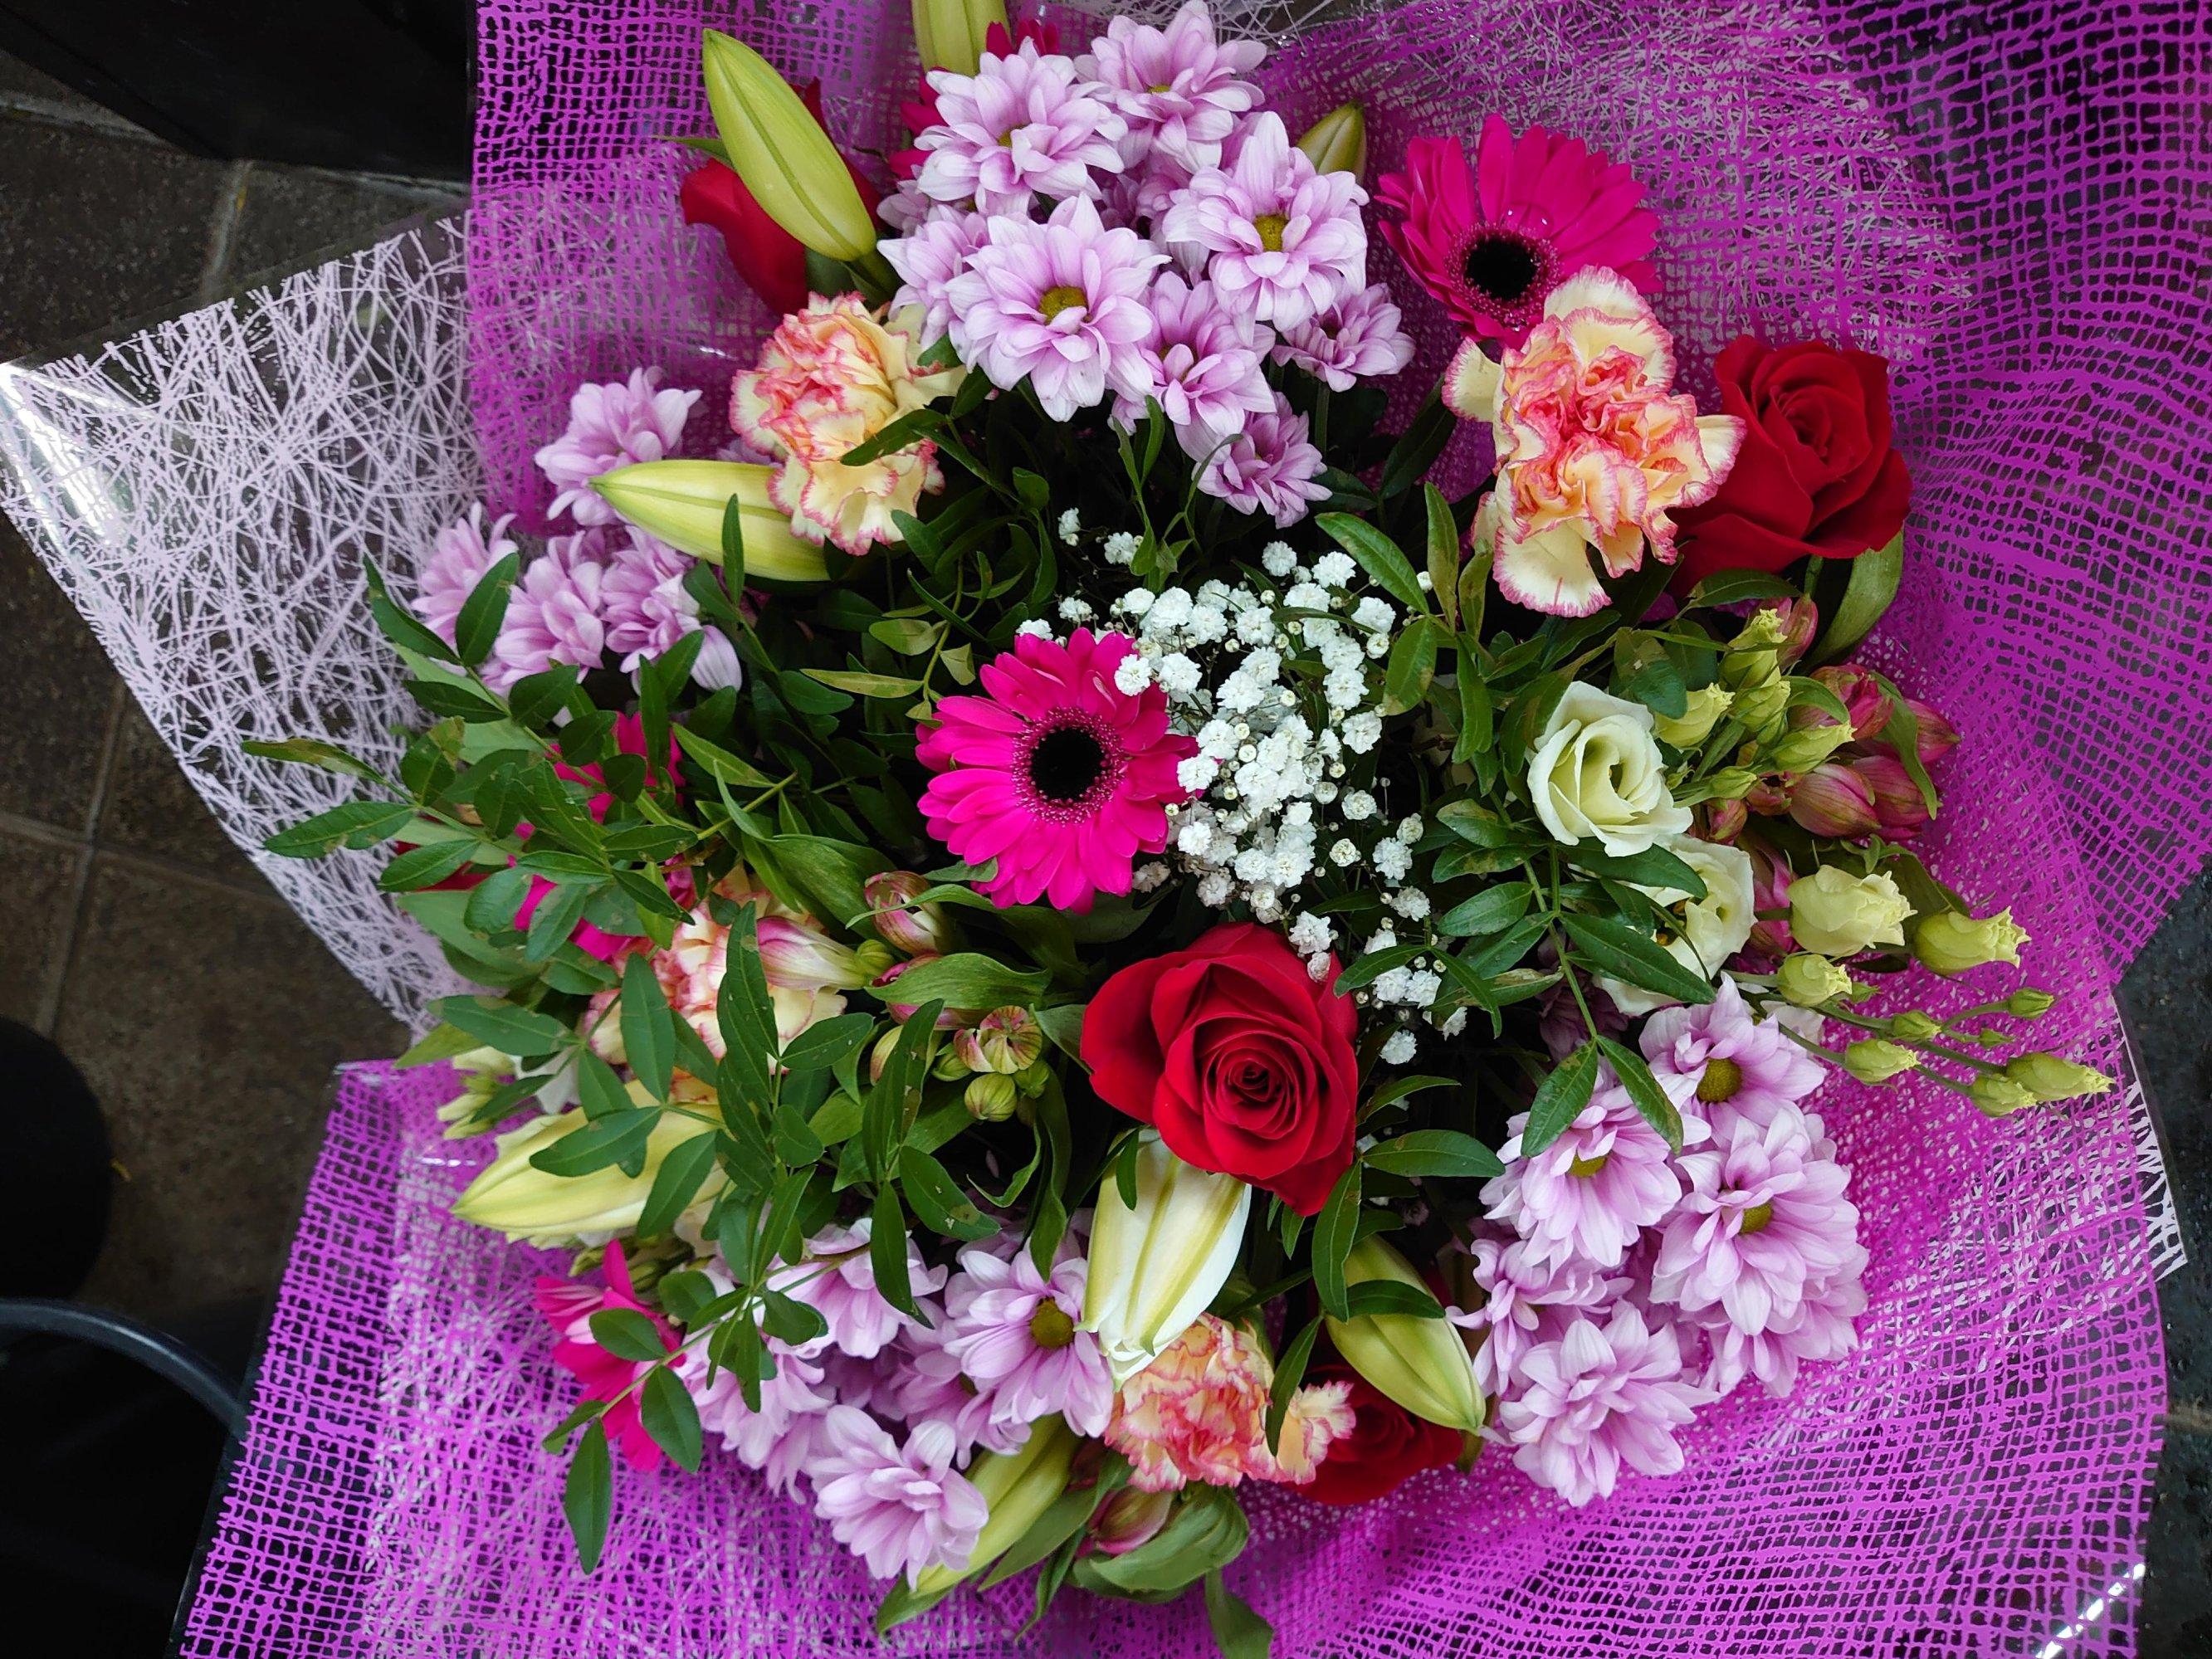 Shelley's Flowers